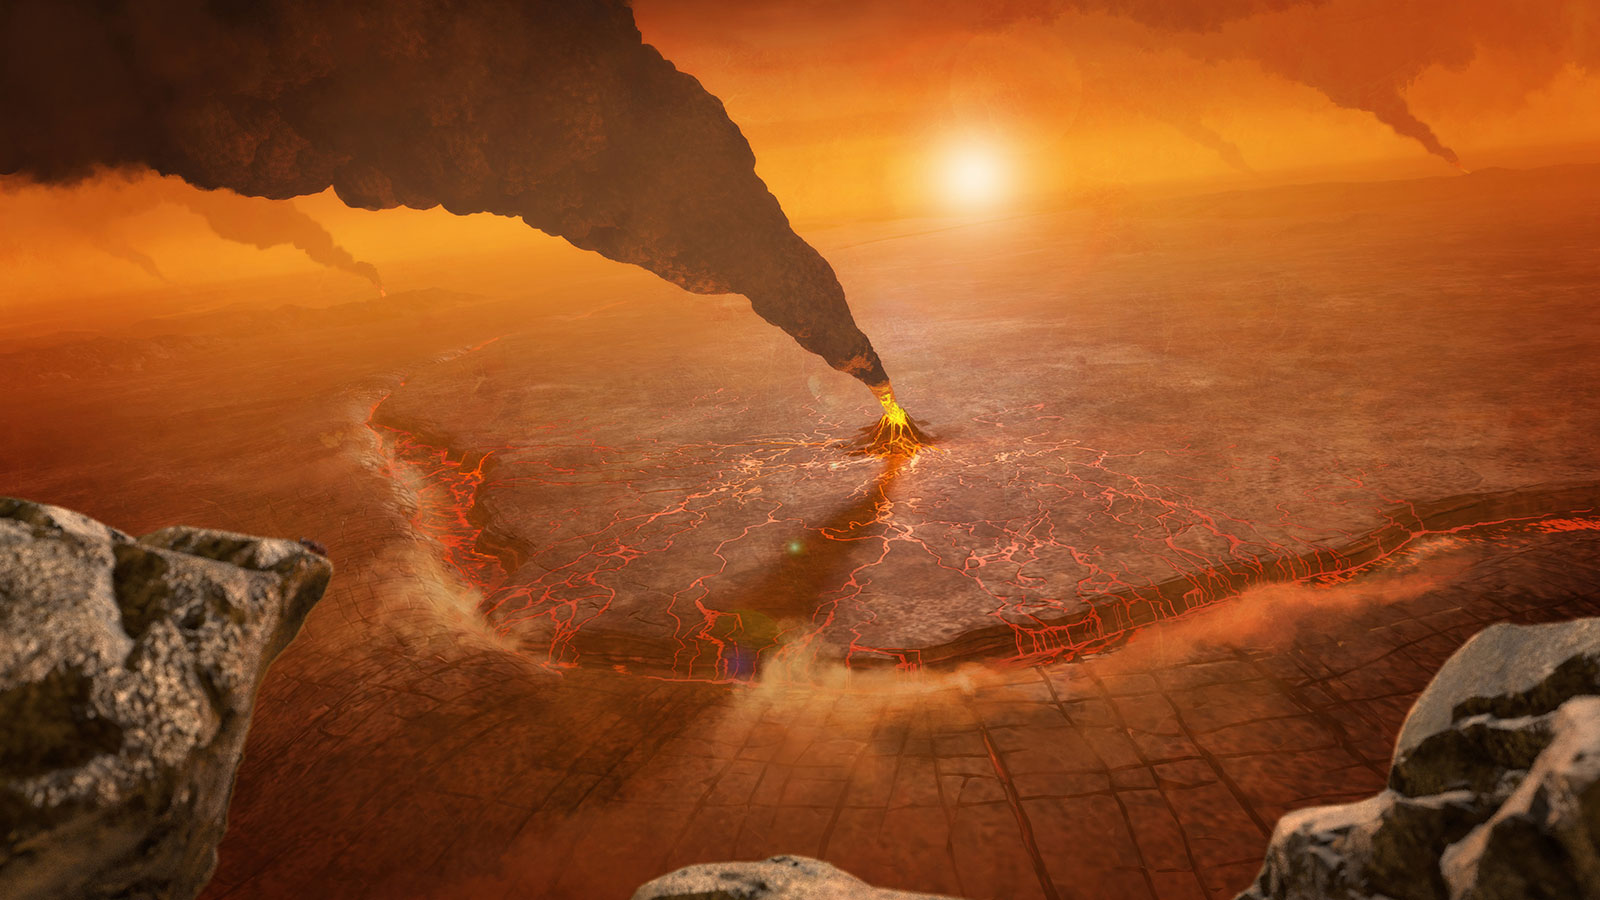 Καλλιτεχνική απεικόνιση ενεργού ηφαιστείου στην Αφροδίτη